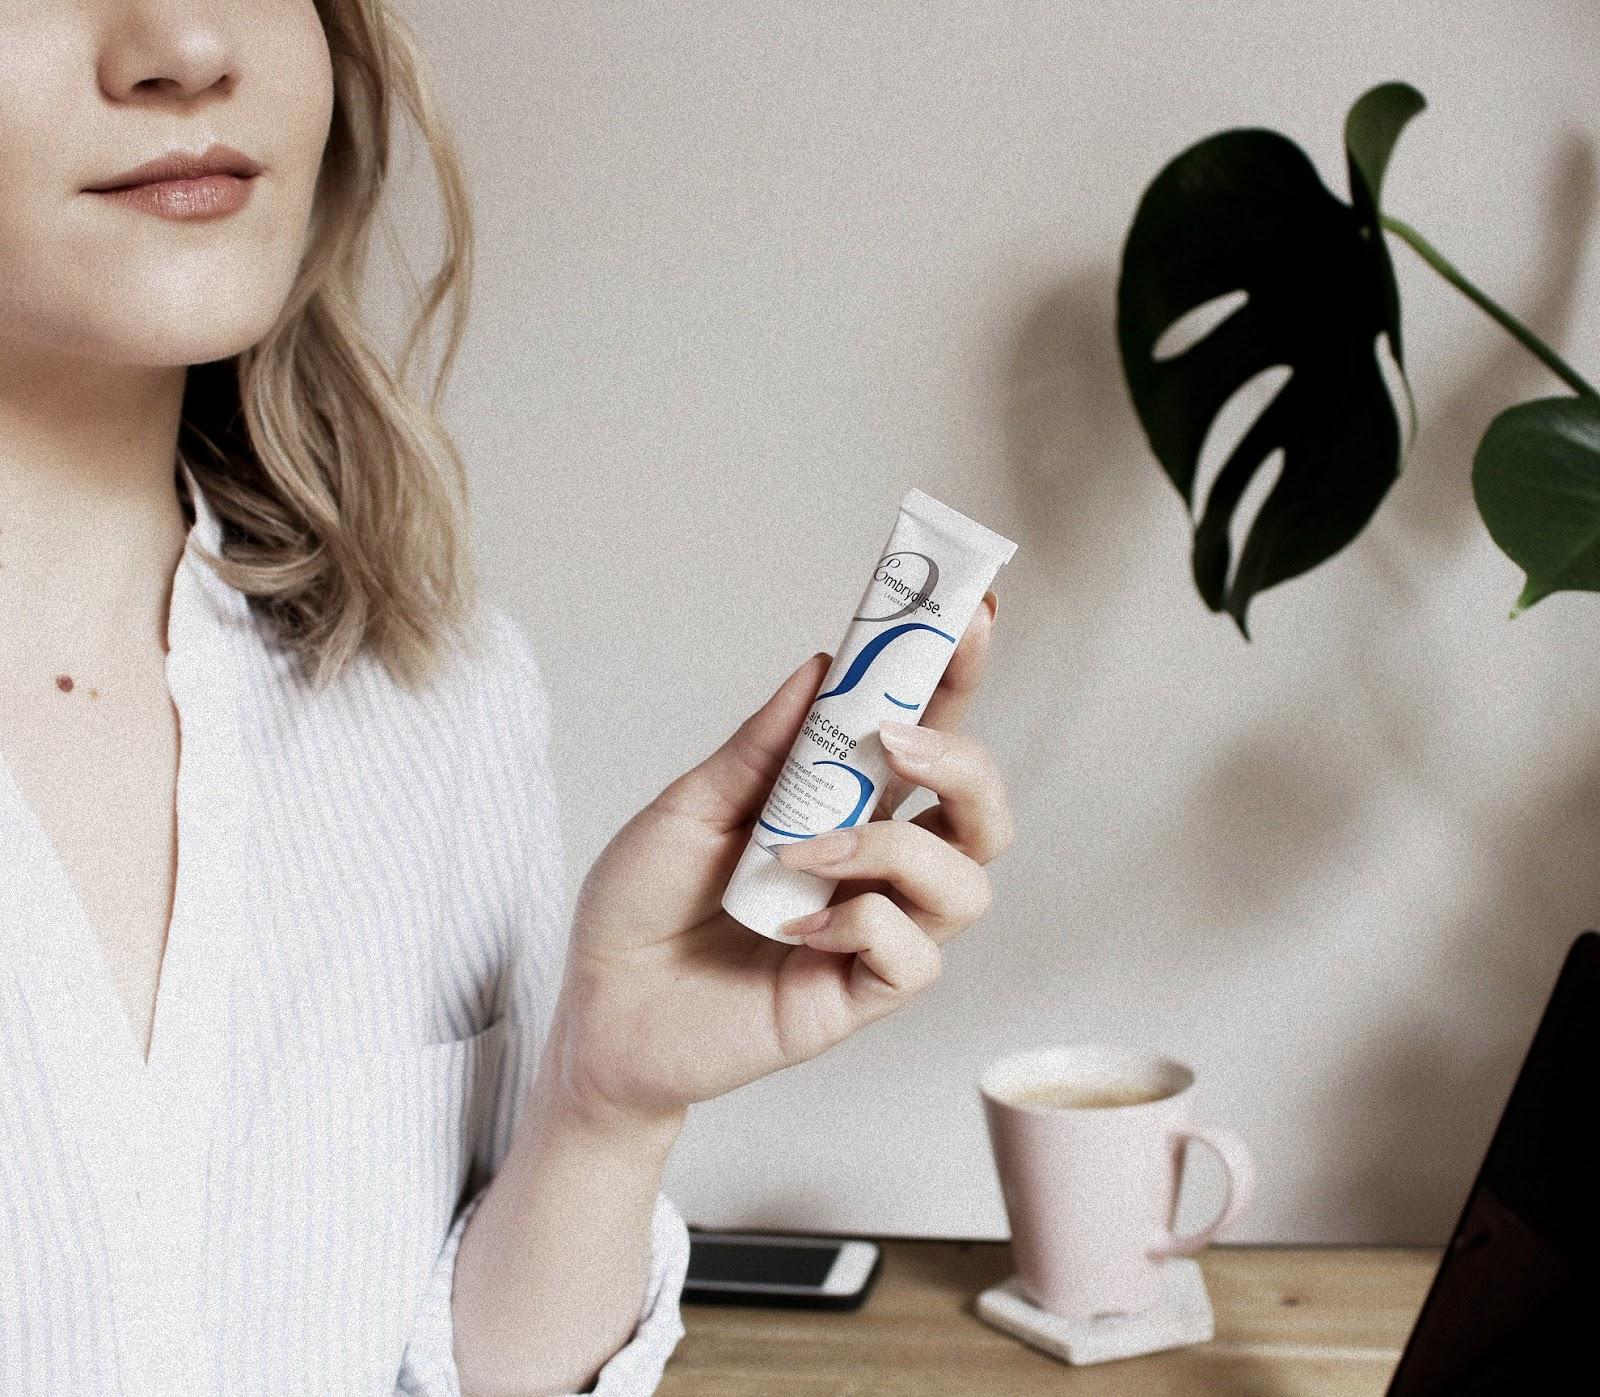 Embryolisse Lait Crème Concentré For Acne Prone Skin